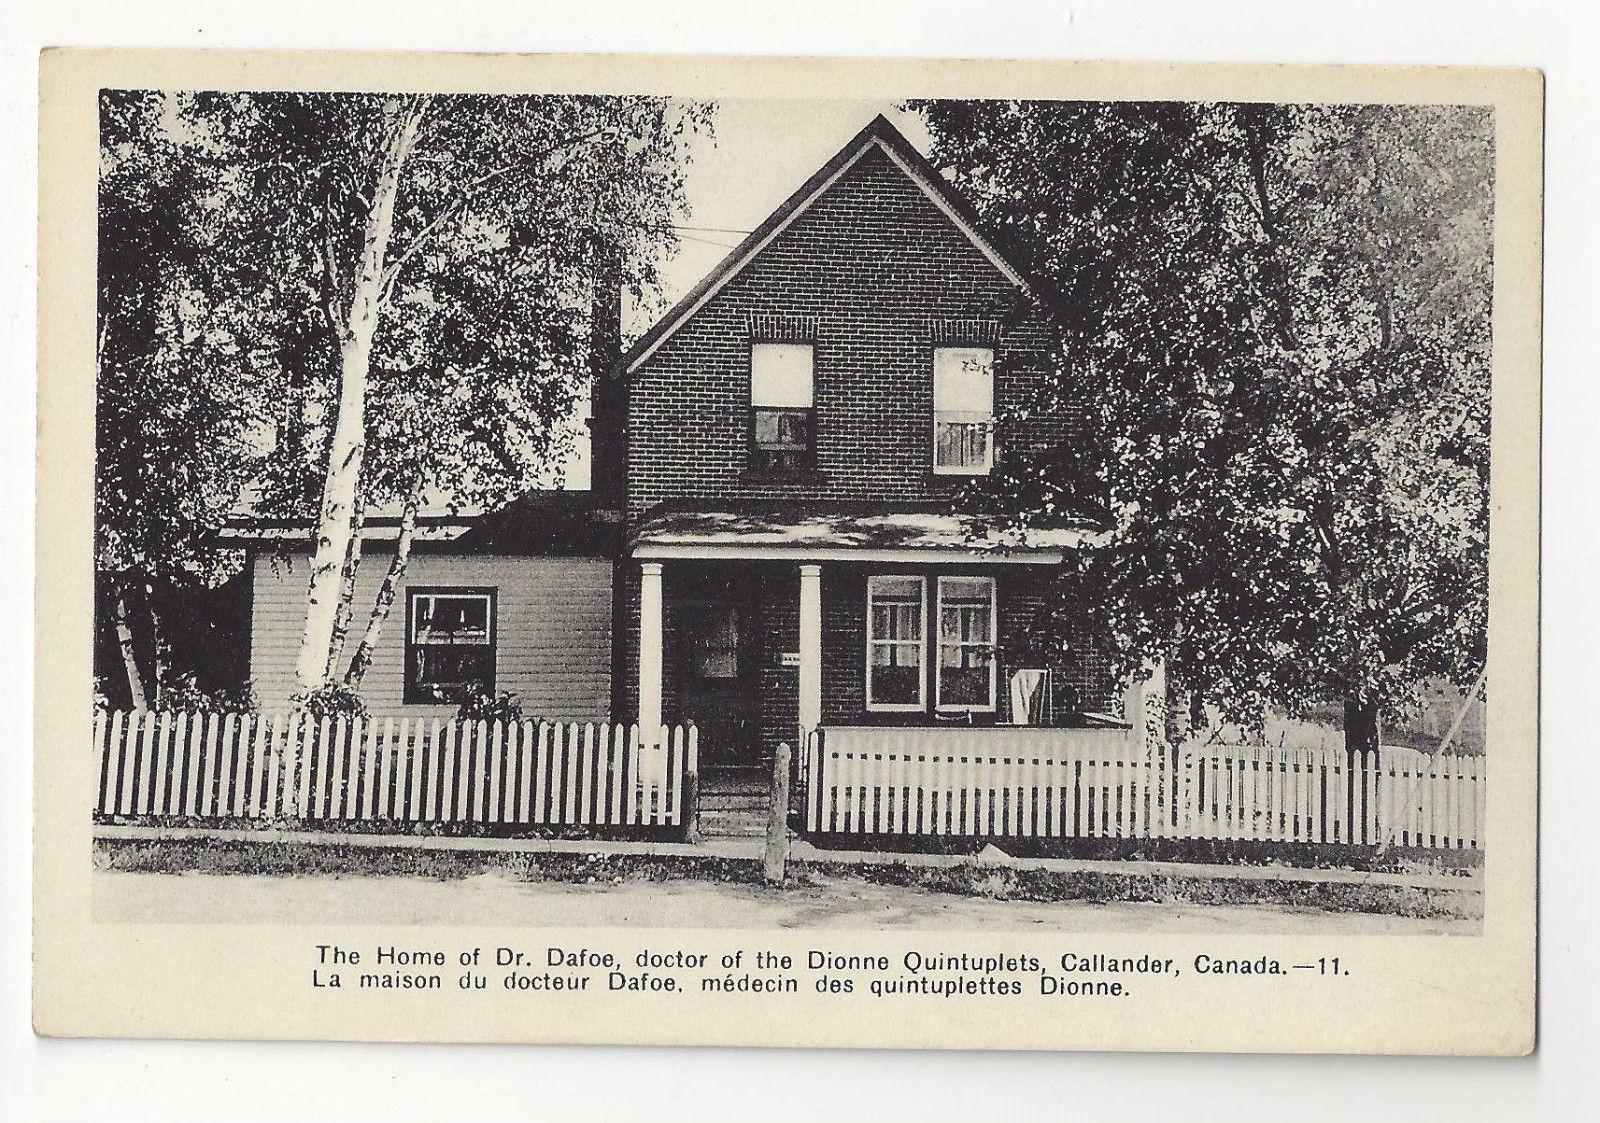 Canada Callander Home of Doctor Dafoe Dionne Quintuplets Vtg Postcard Residence